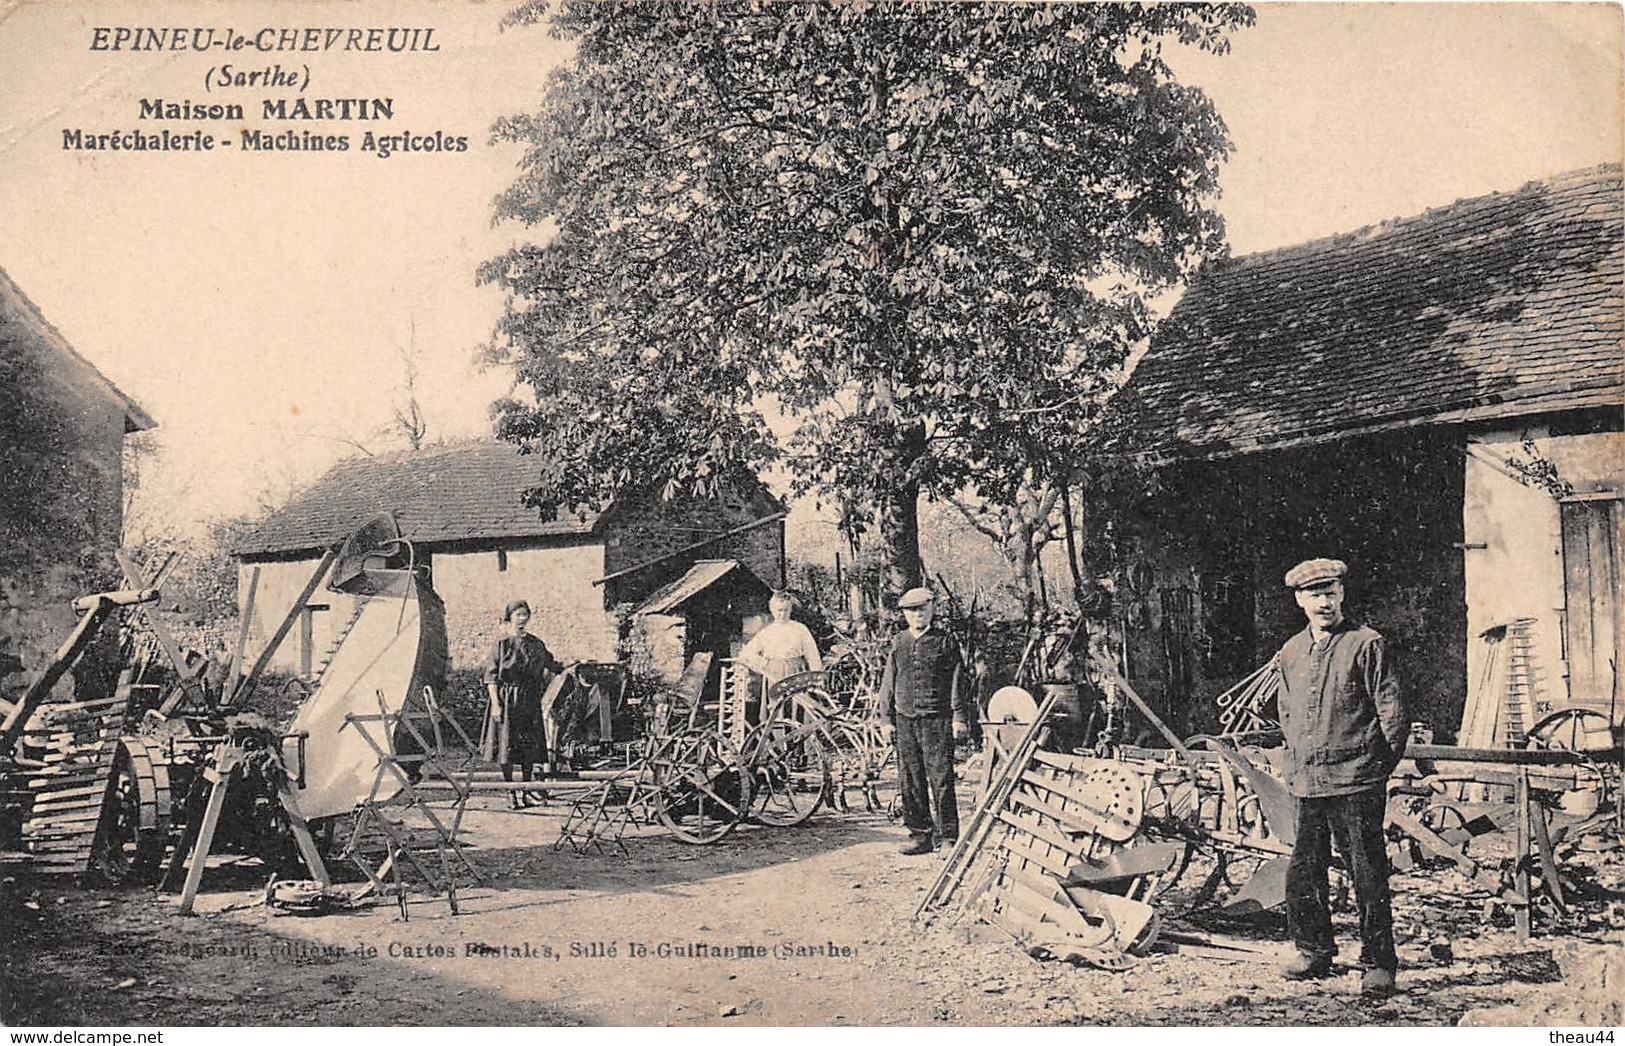 ¤¤  -  EPINEU-le-CHEVREUIL   -  Maison MARTIN  -  Maréchalerie, Machines Agricoles    -  ¤¤ - France